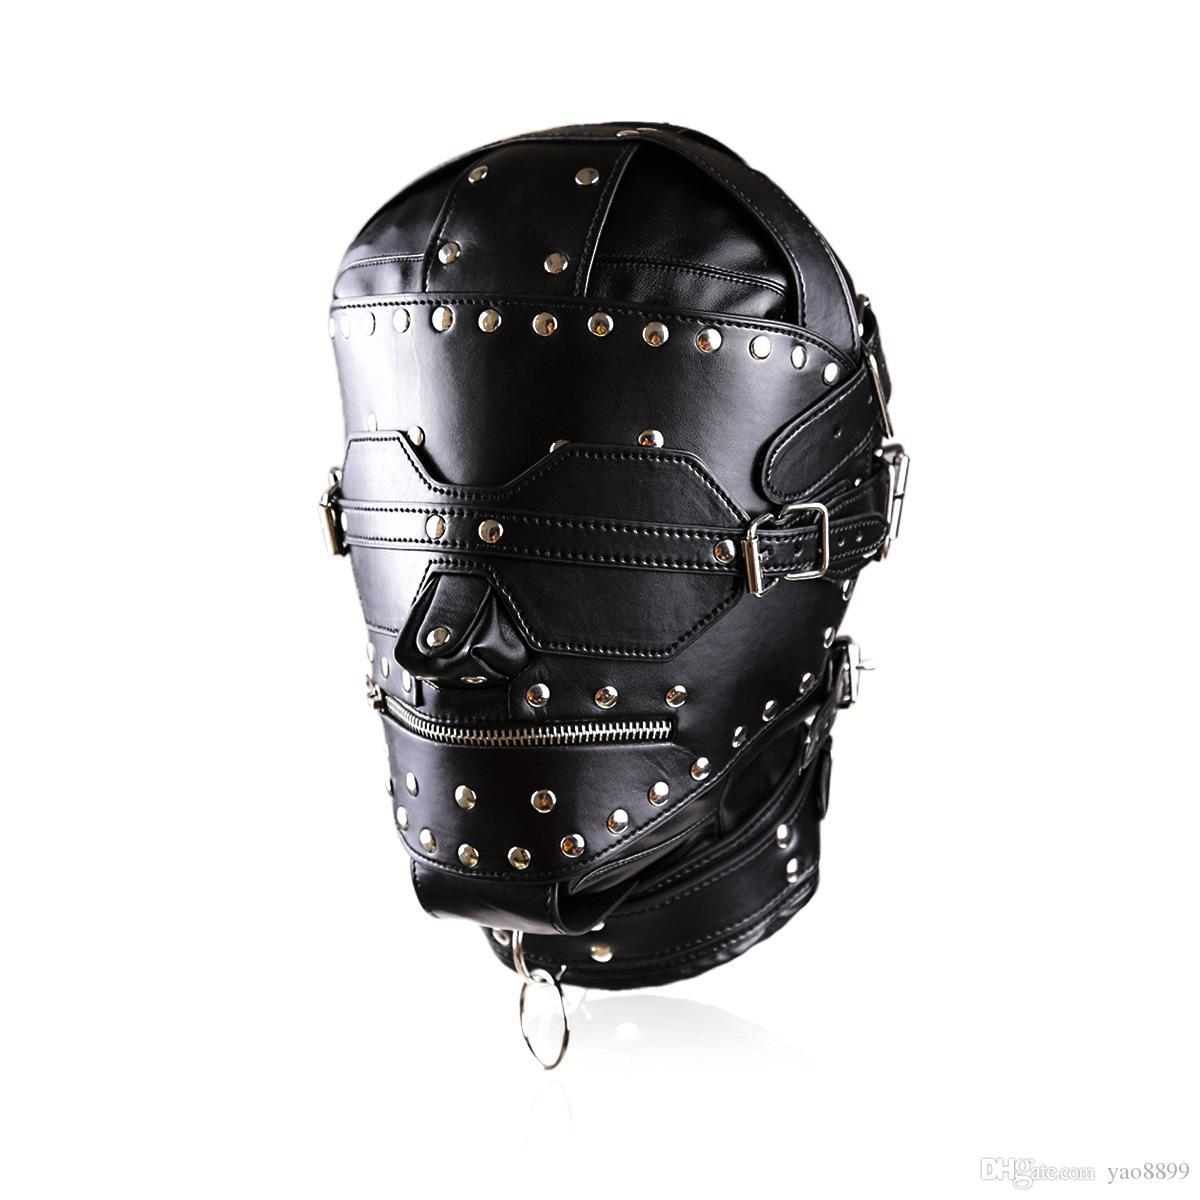 2021 ZIP кожа / с рабством рабства капюшон замок блокировки полная новая новая новая роскошь роскошная маска роскоши W889 KQWNV